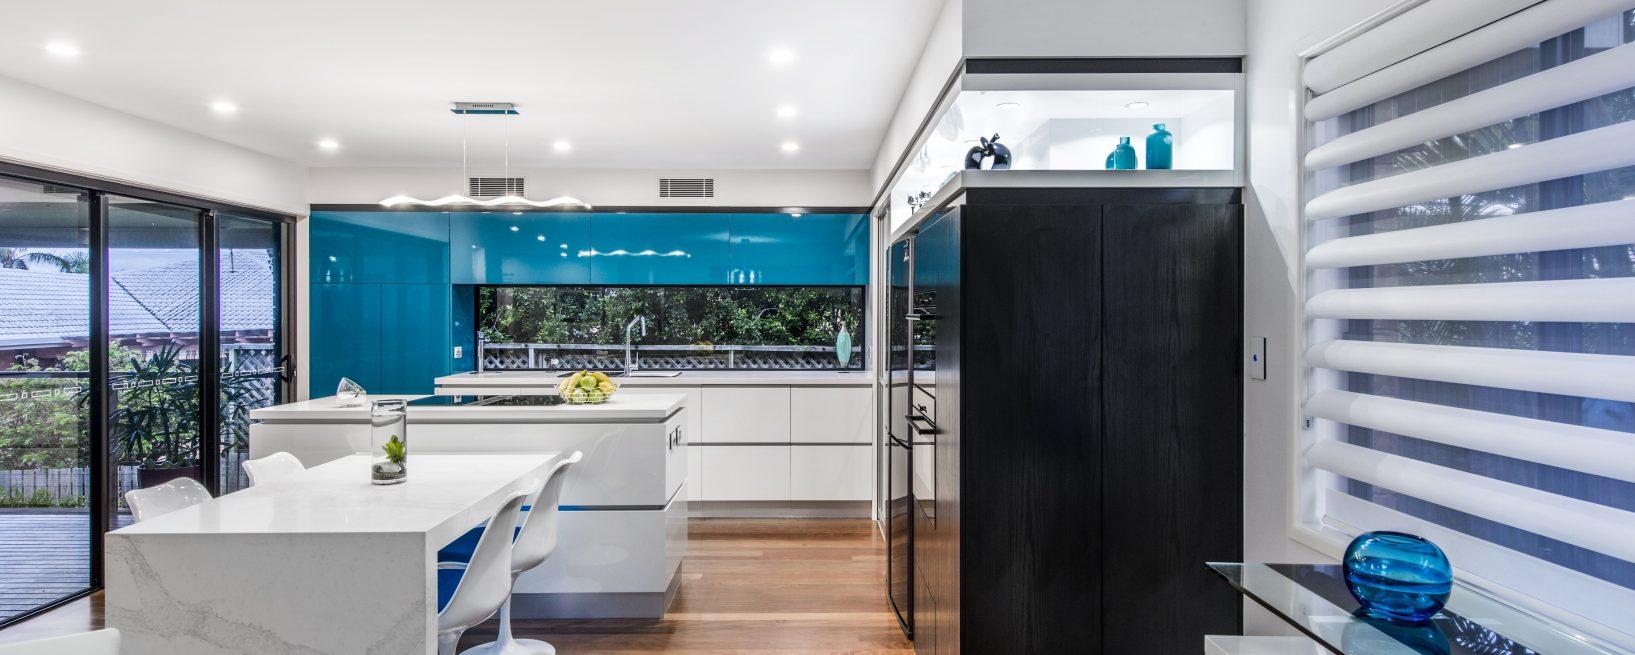 Kitchen Renovation Brisbane Australia